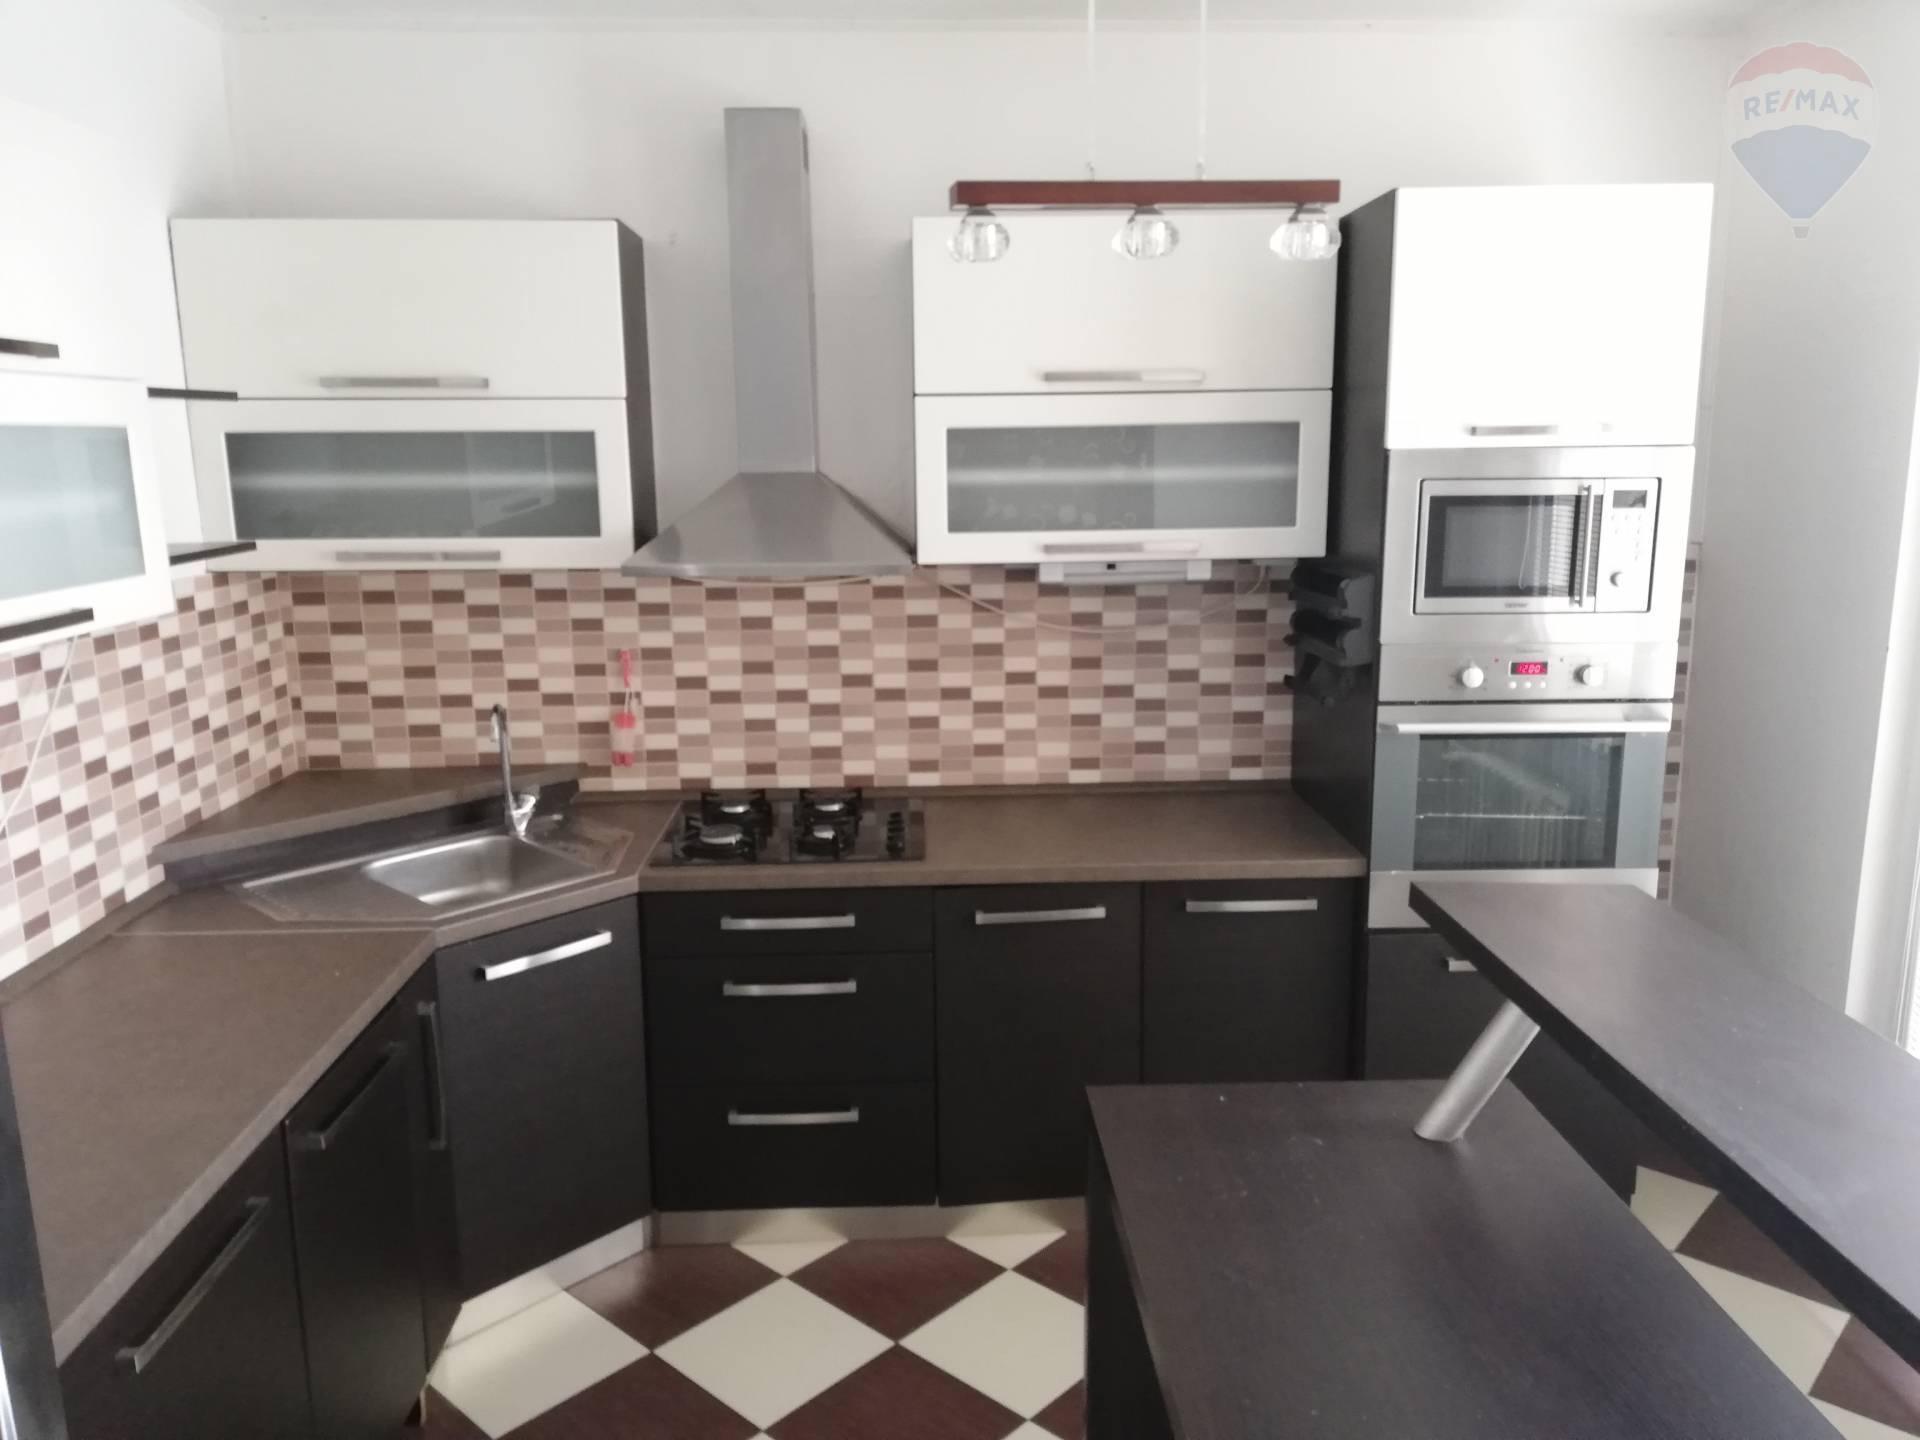 Predaj 3 izb.byt kompletná rekonštrukcia Levice 79 EXKLUZÍVNE  m2